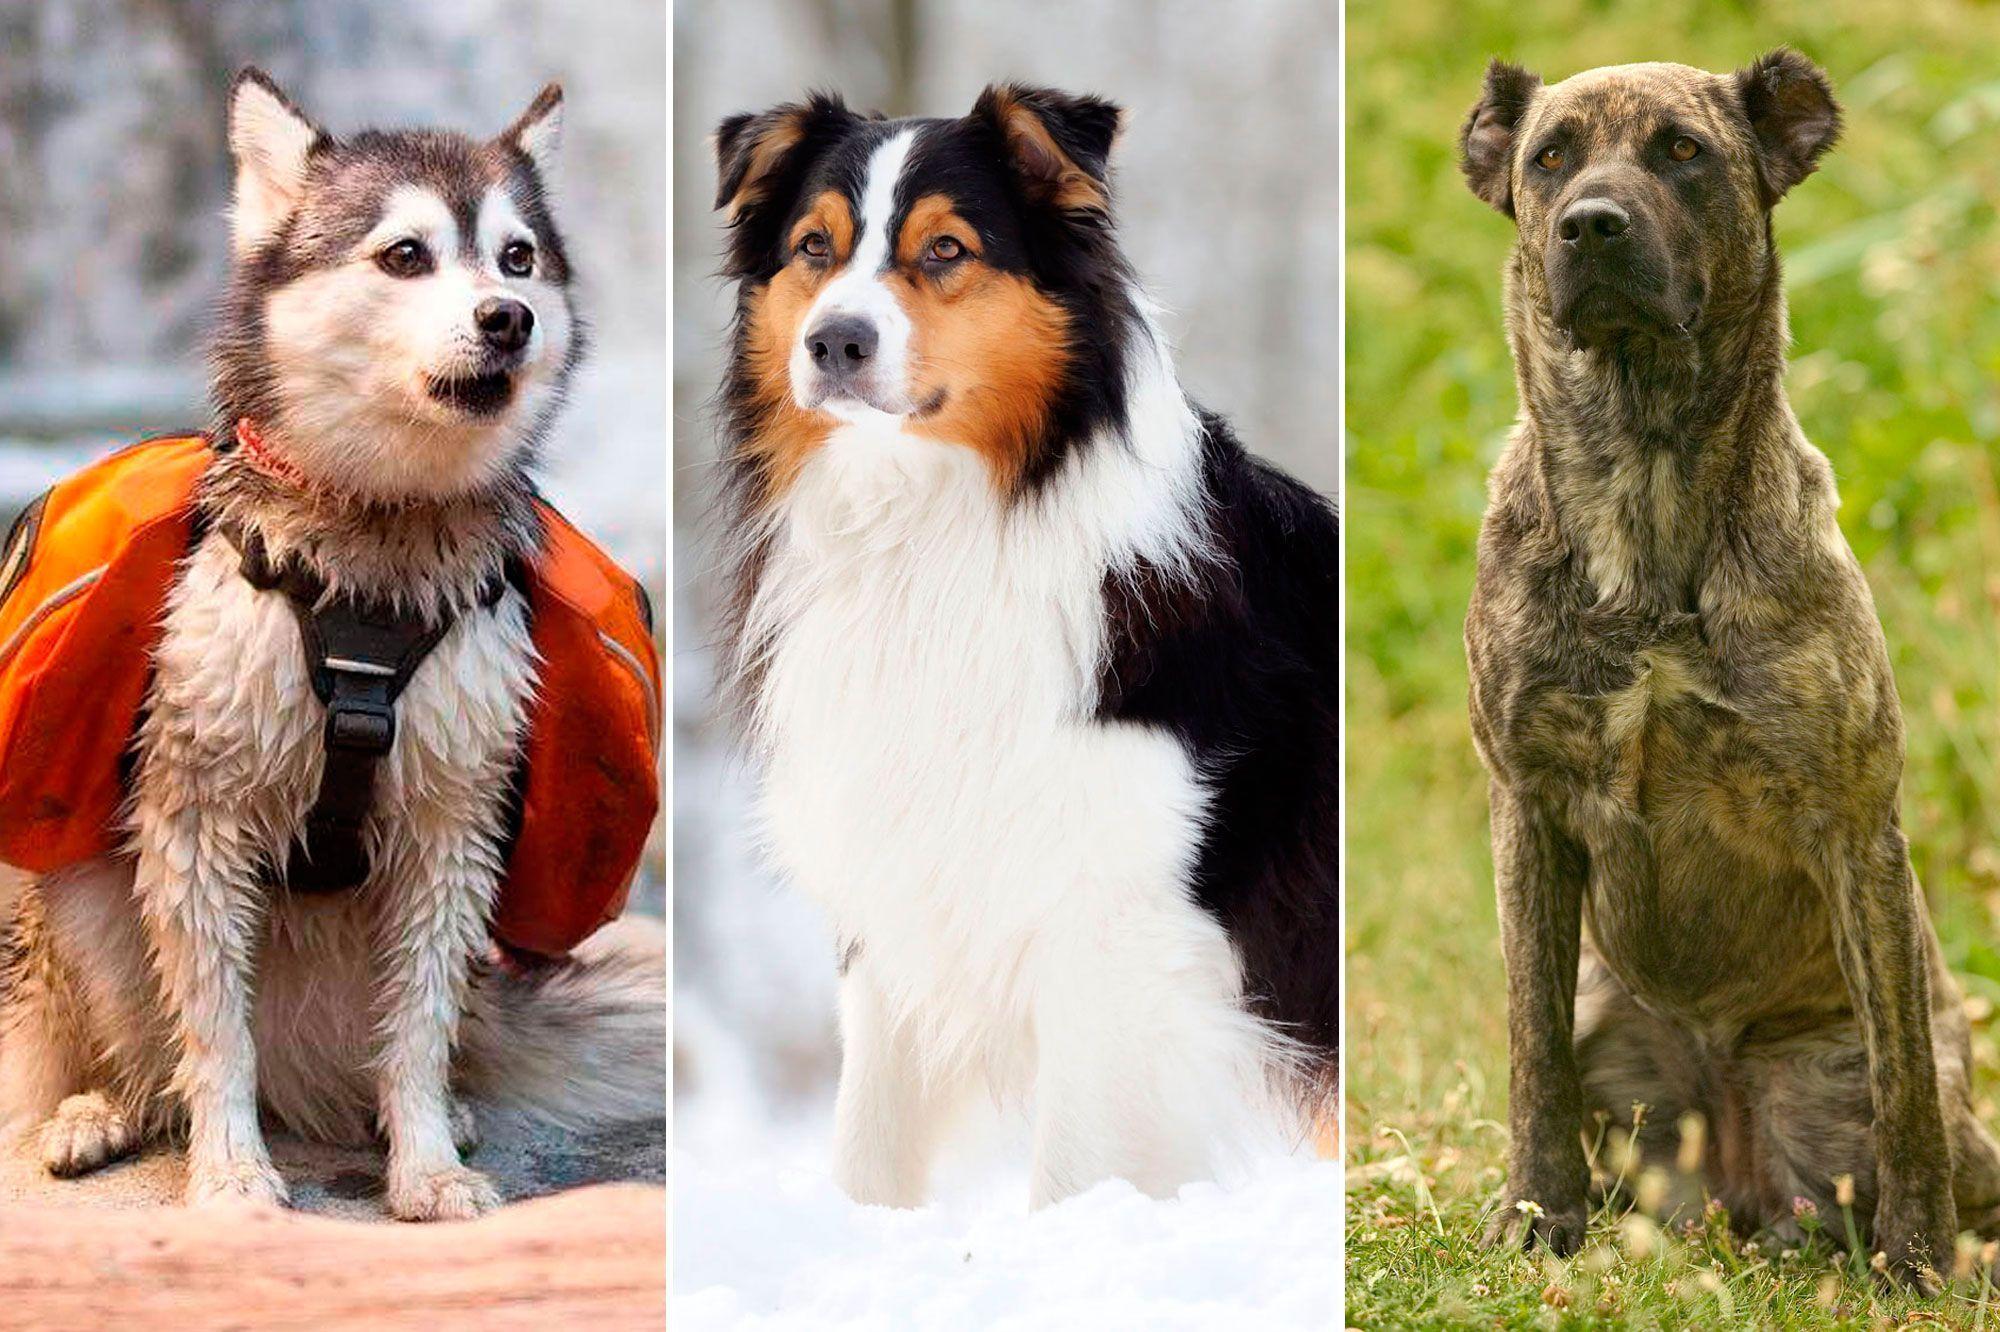 Canape Chien Maison Du Monde les 50 plus beaux chiens du monde en photos